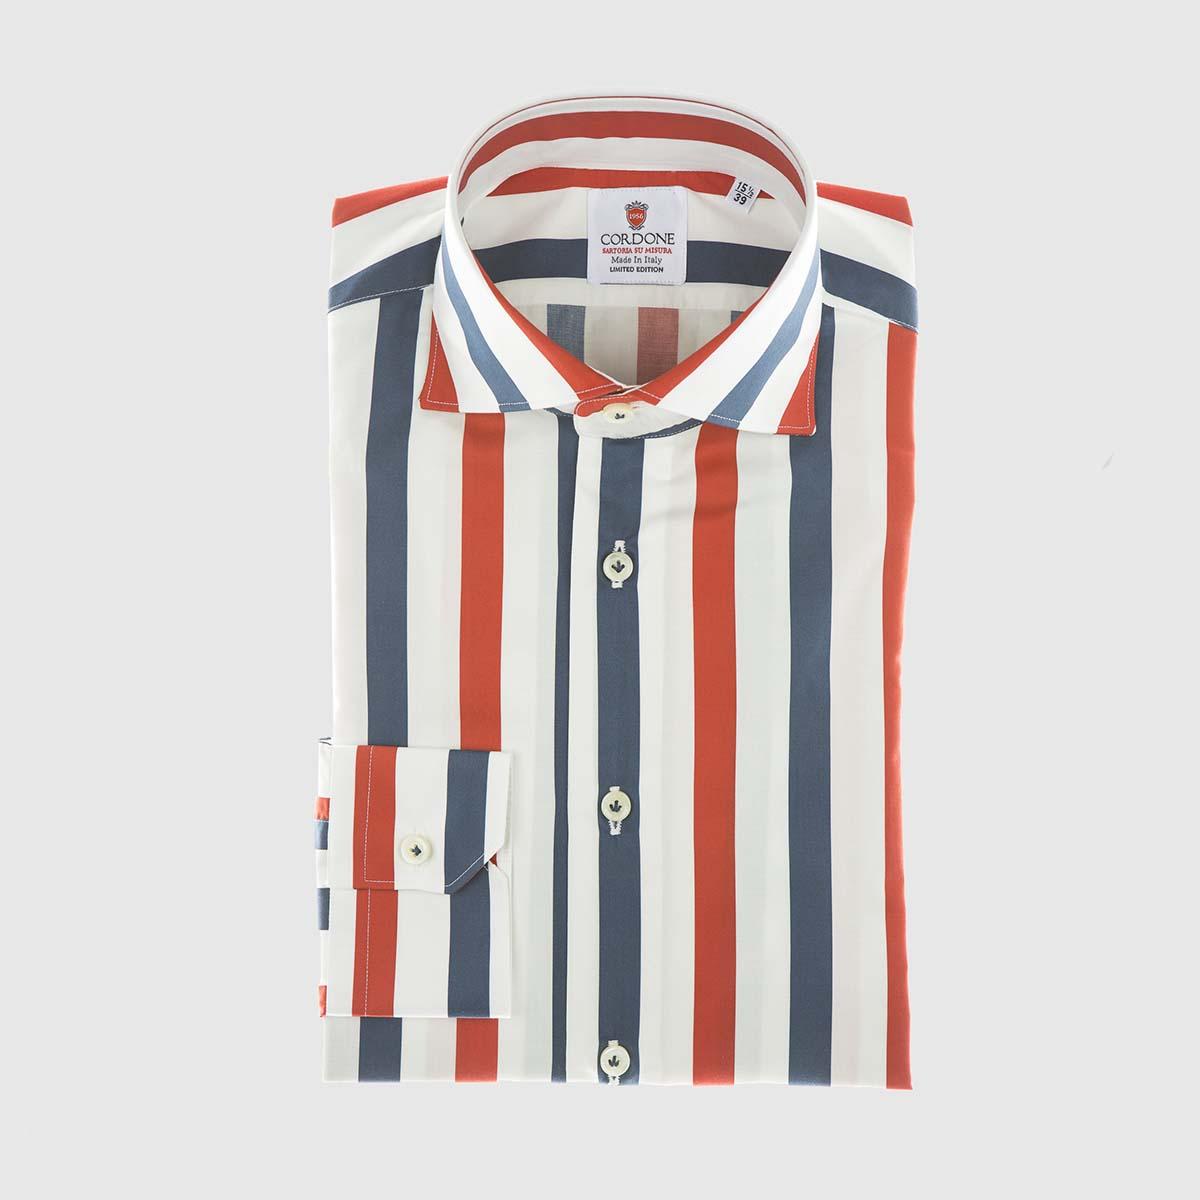 Camicia elegante a righe retrò in rosso e blu